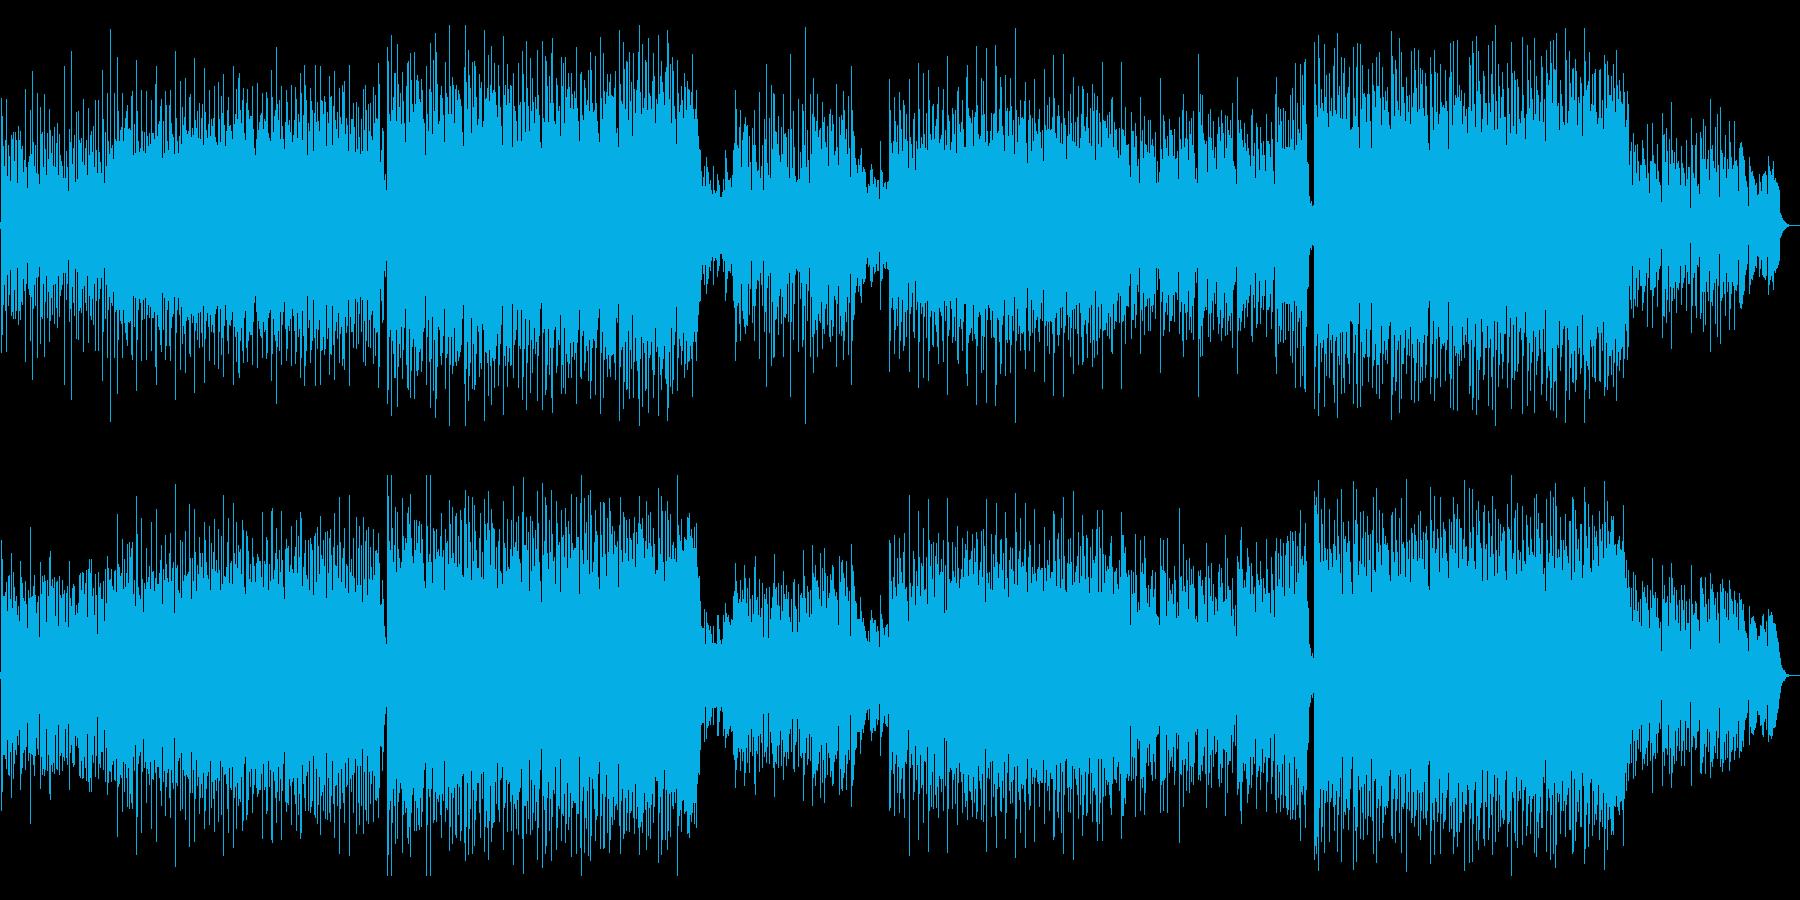 生アコギ!歓喜溢れる爽快なフォークポップの再生済みの波形